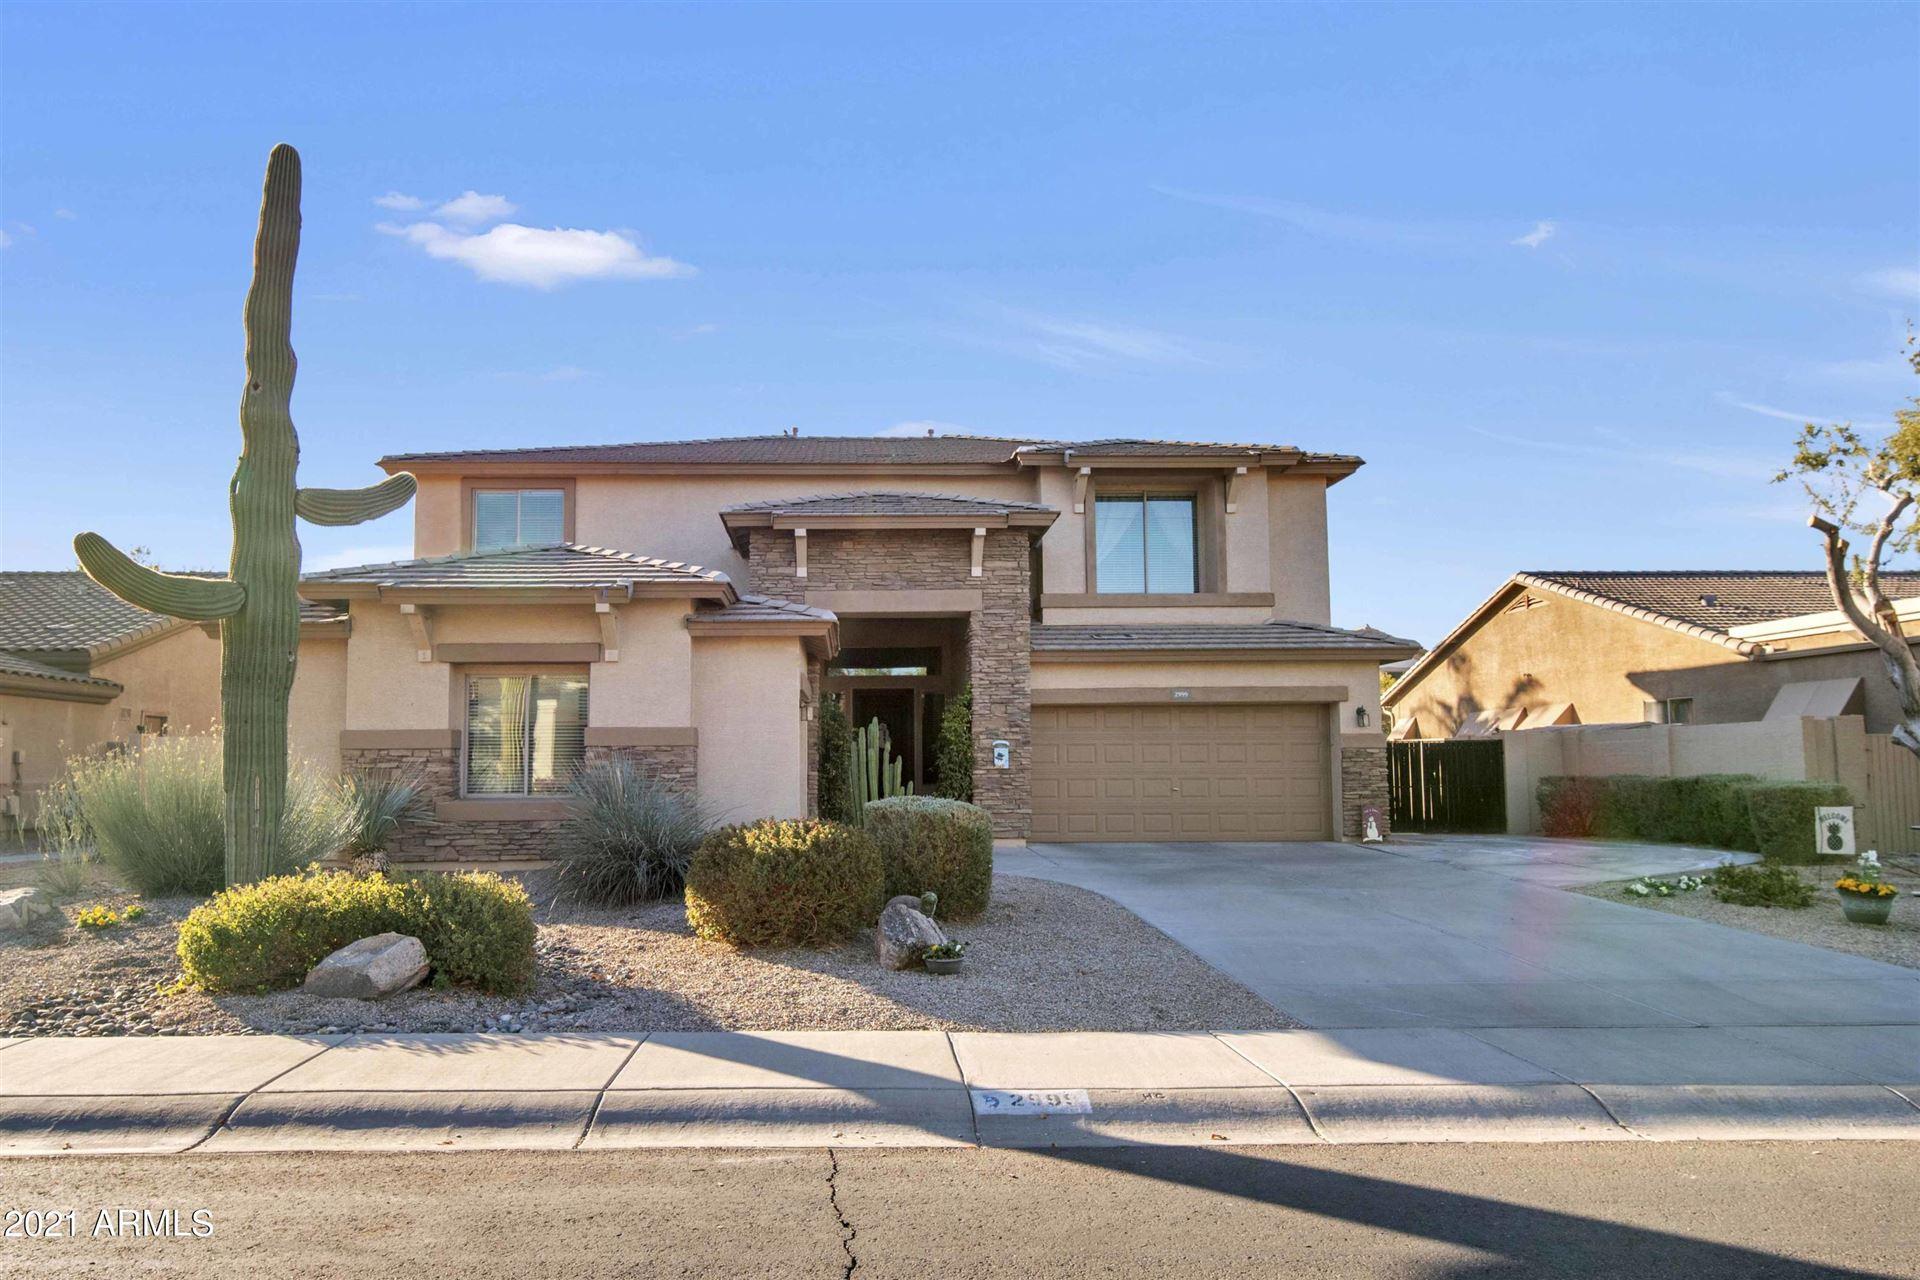 2999 E VERMONT Drive, Gilbert, AZ 85295 - MLS#: 6180996